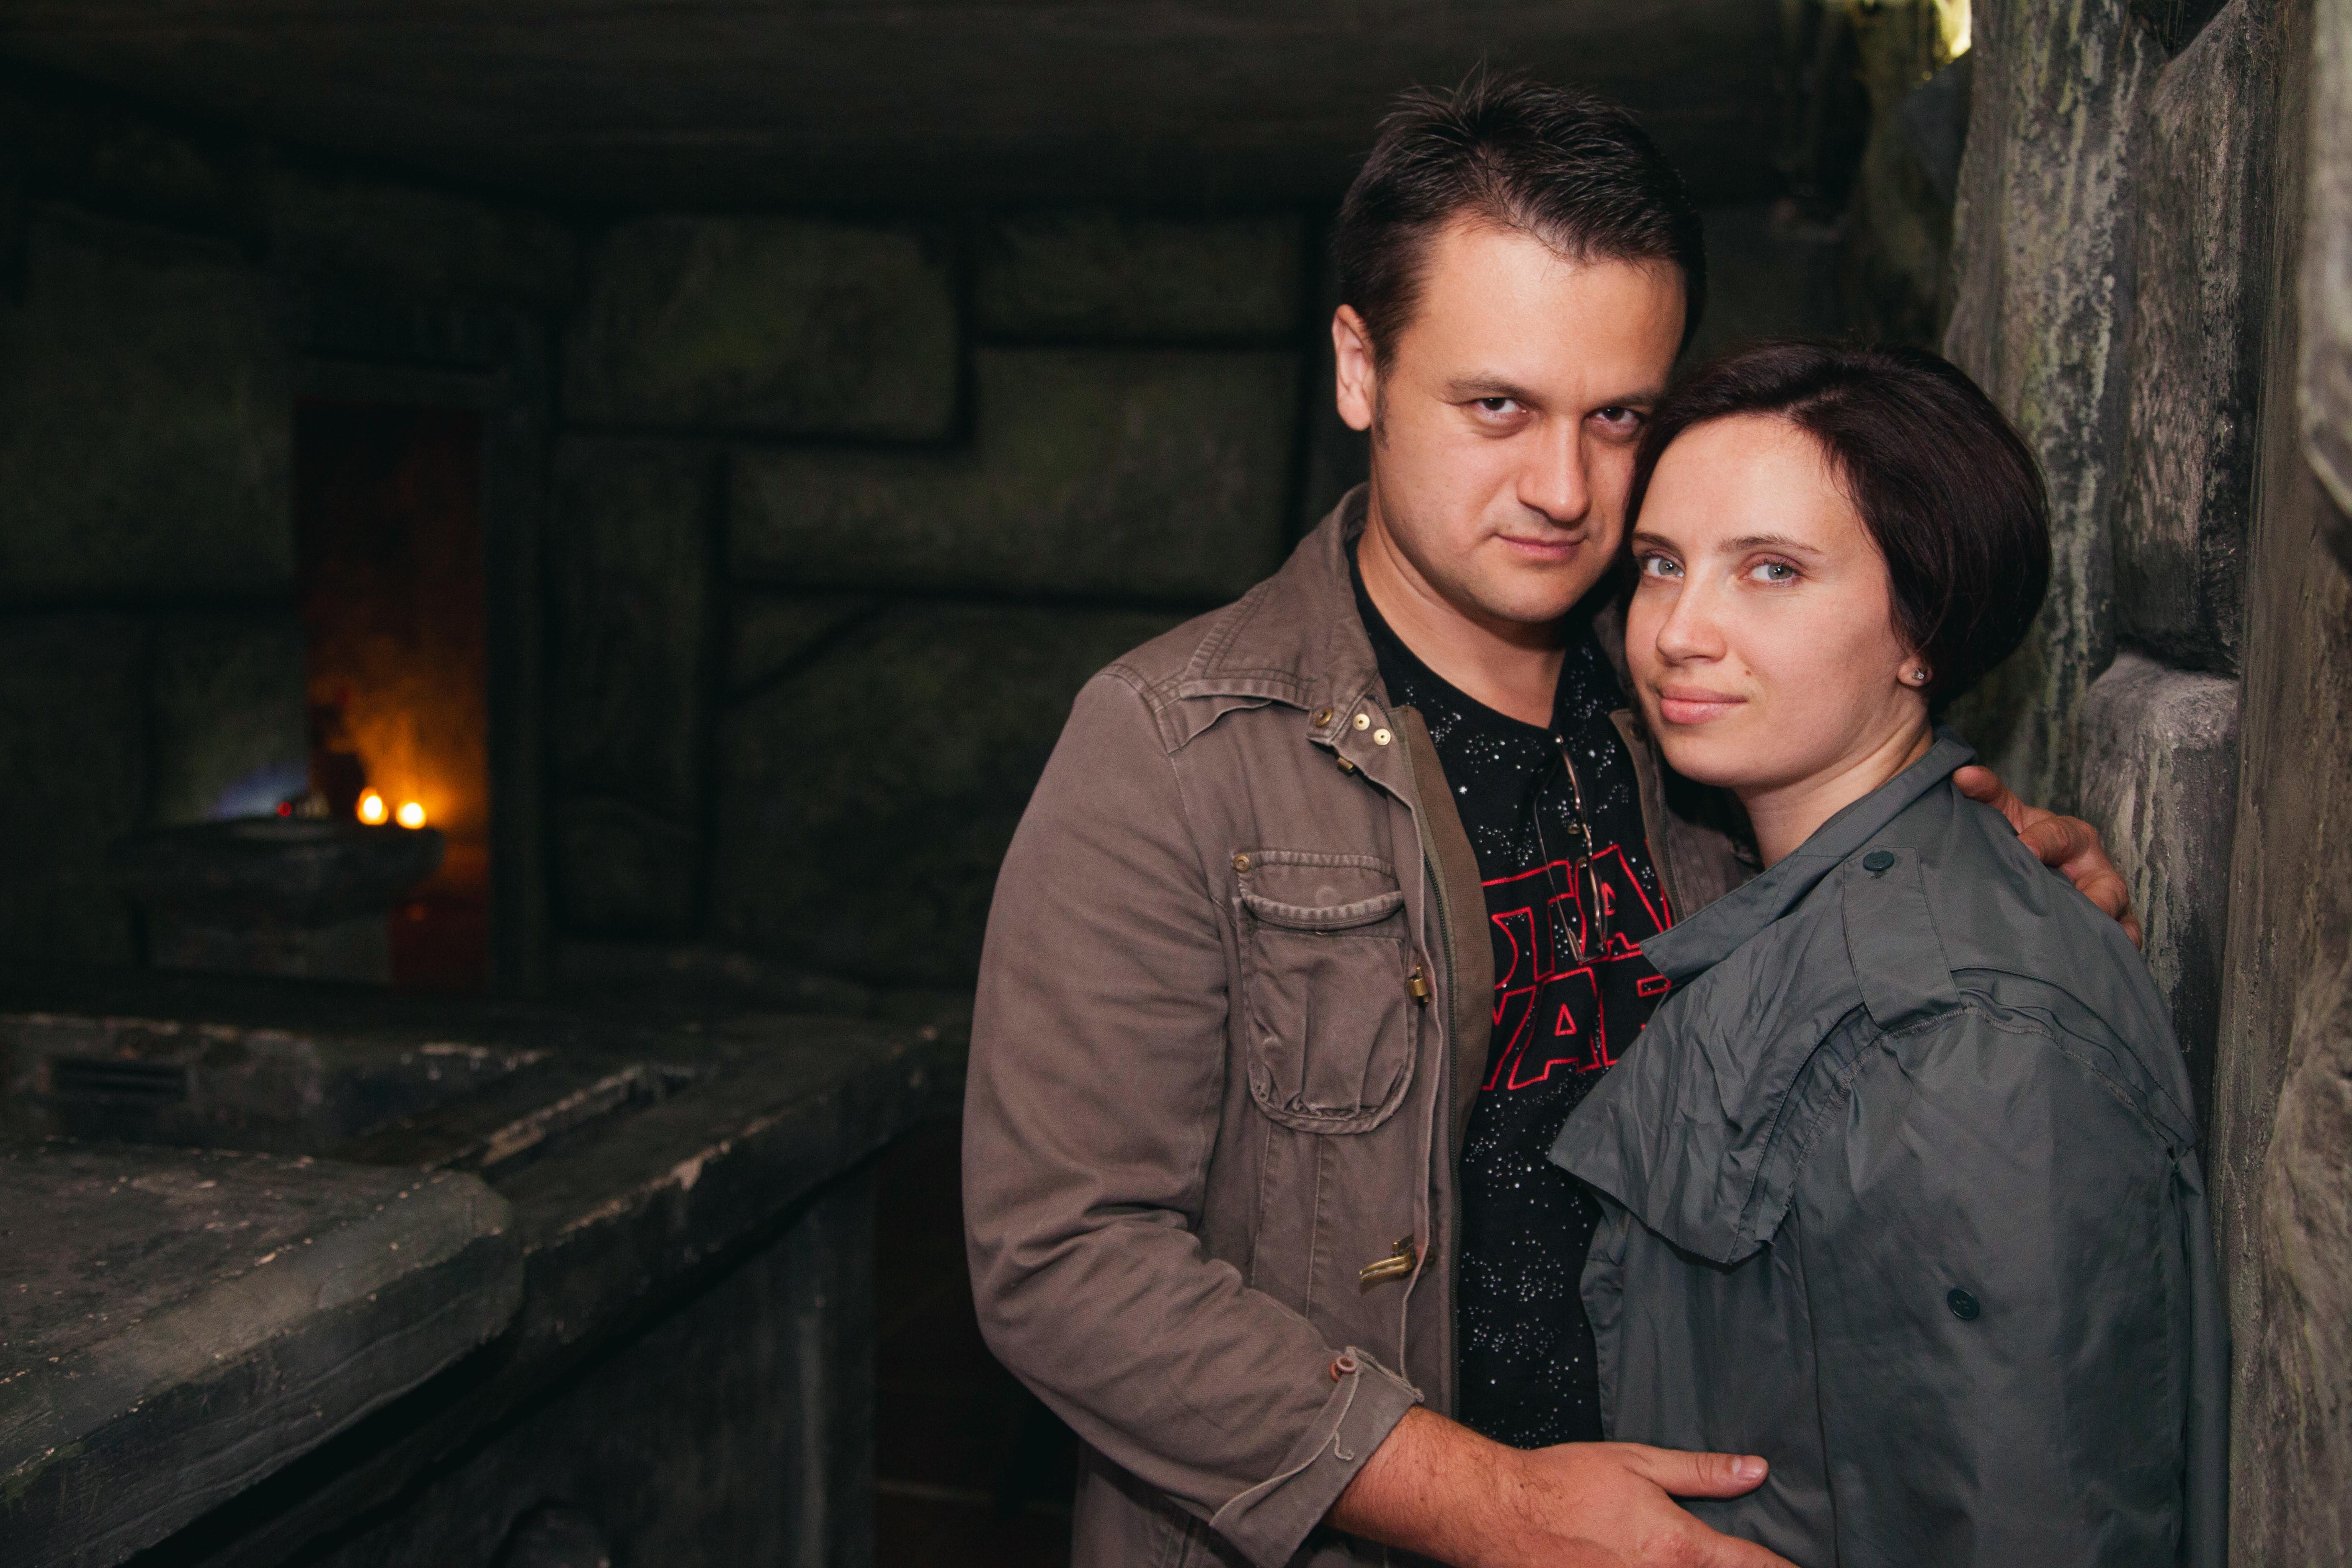 Романтический ужин в подземелье от сервиса романтики Альтечо (11)